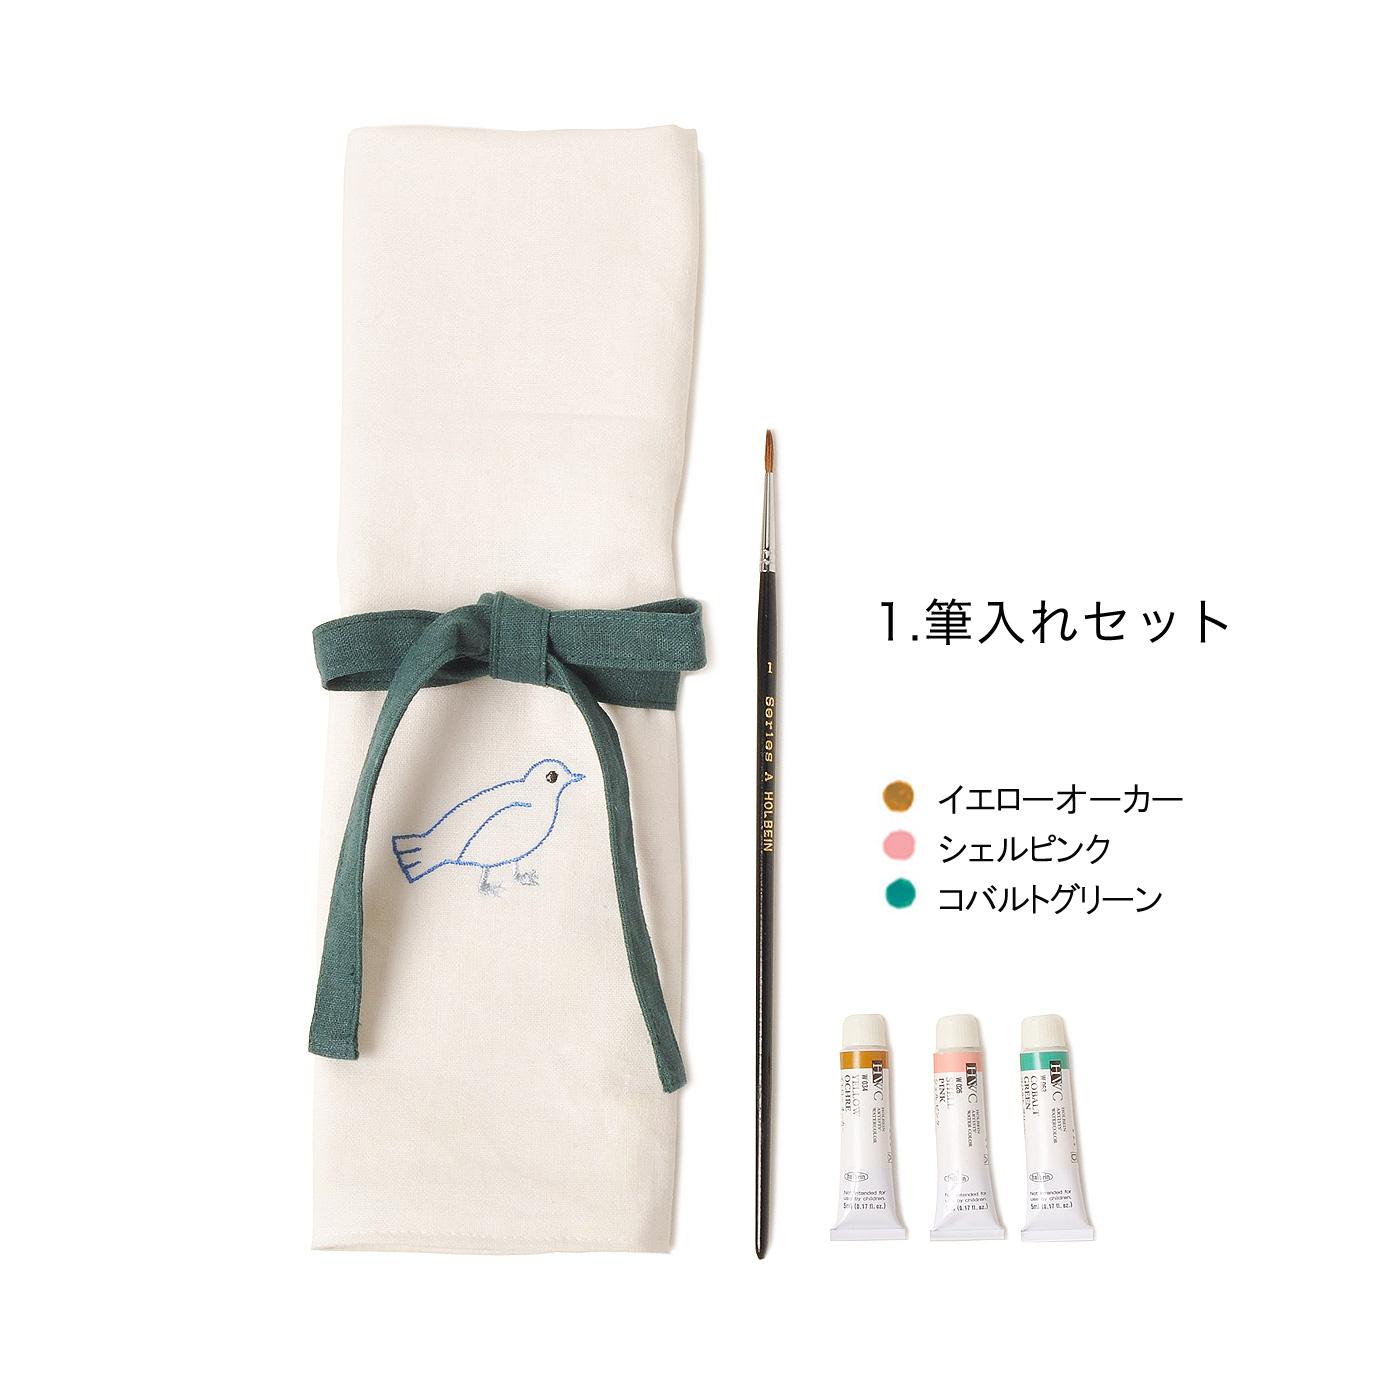 6つの仕切り付きの布製筆入れは、小鳥の刺しゅう入り。細かいものも塗りやすい丸筆一本と、絵の具は「宝石」をイメージした3色をセット。